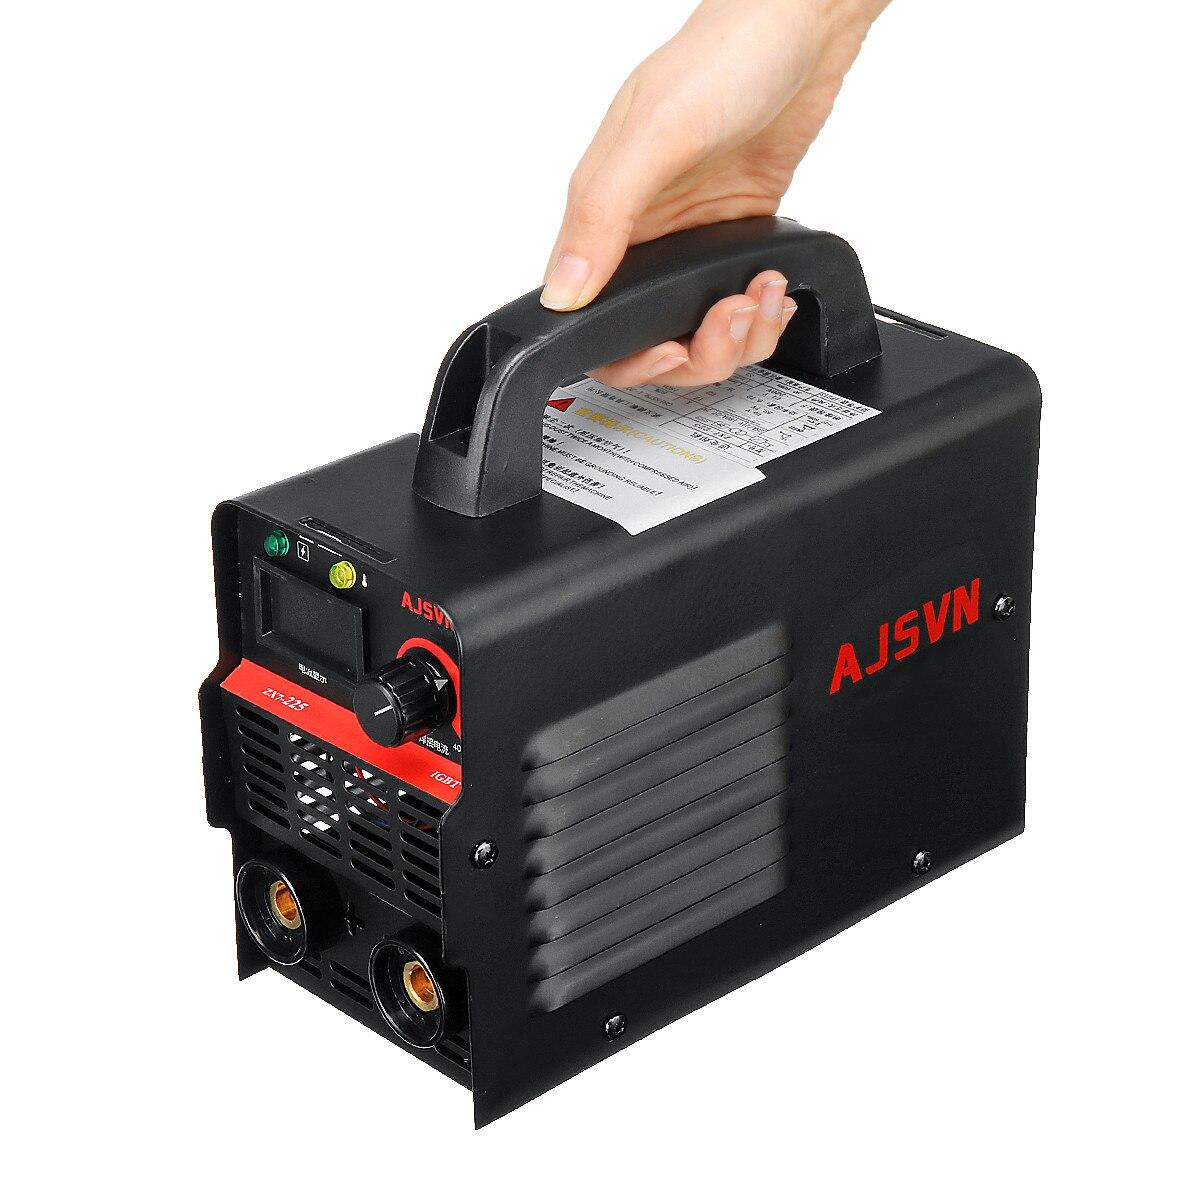 220V Einstellbare 20A-225A 4200W Handheld IGBT Inverter Arc schweißen maschine Digital Display Mini Tragbare Schweiß Werkzeug